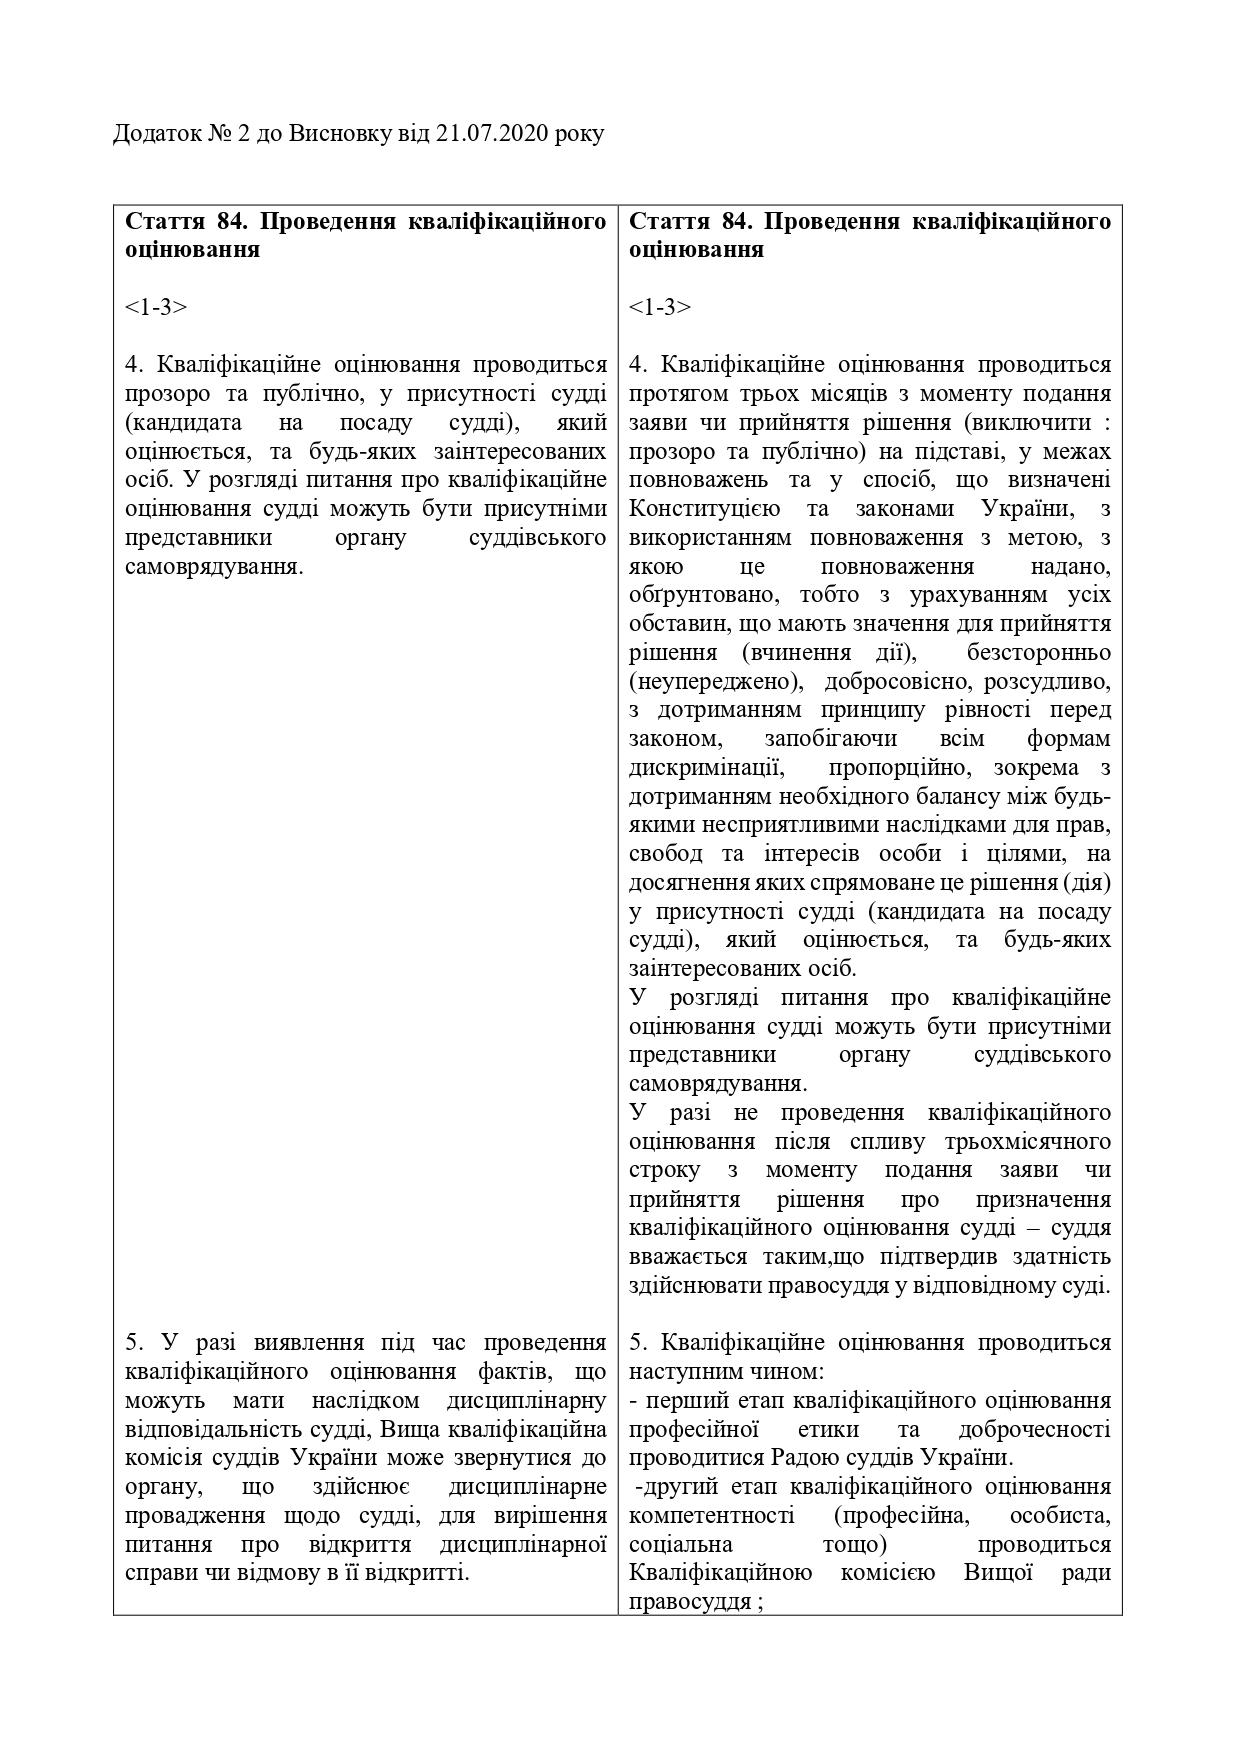 Висновок-АРССУ-щодо-№ 3534-21.07.2020_page-0018